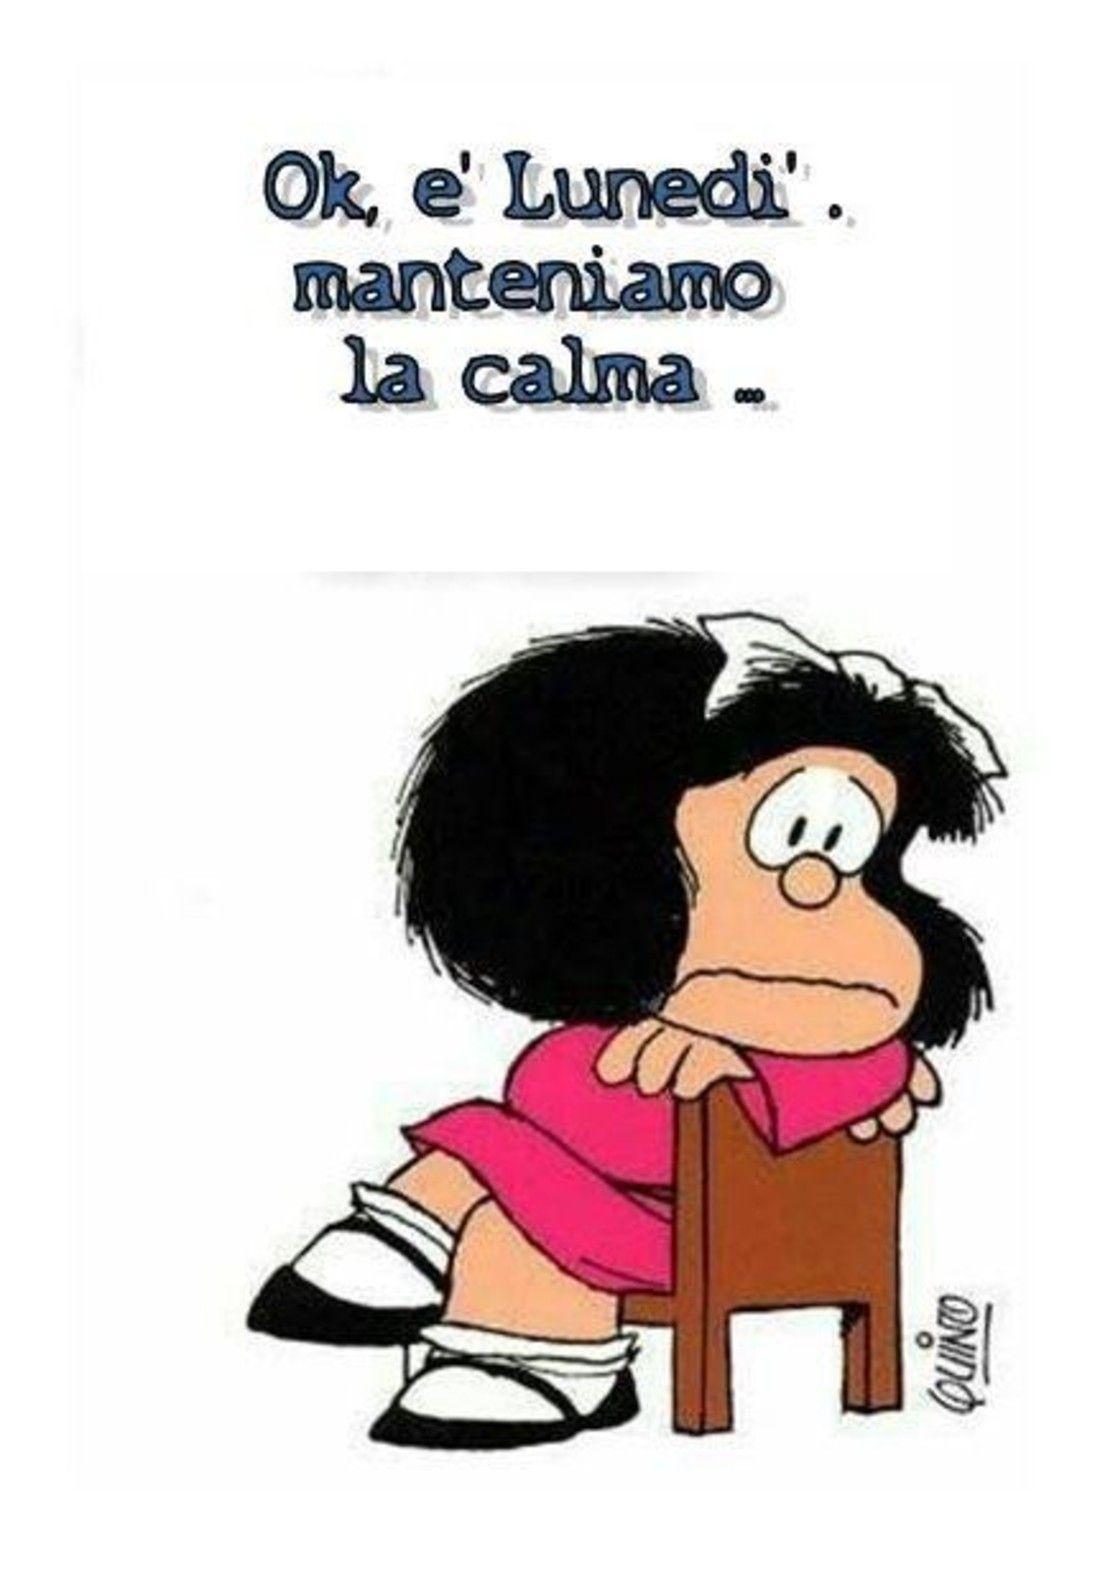 Immagini Buongiorno Lunedi Mafalda 4 Citazioni Divertenti